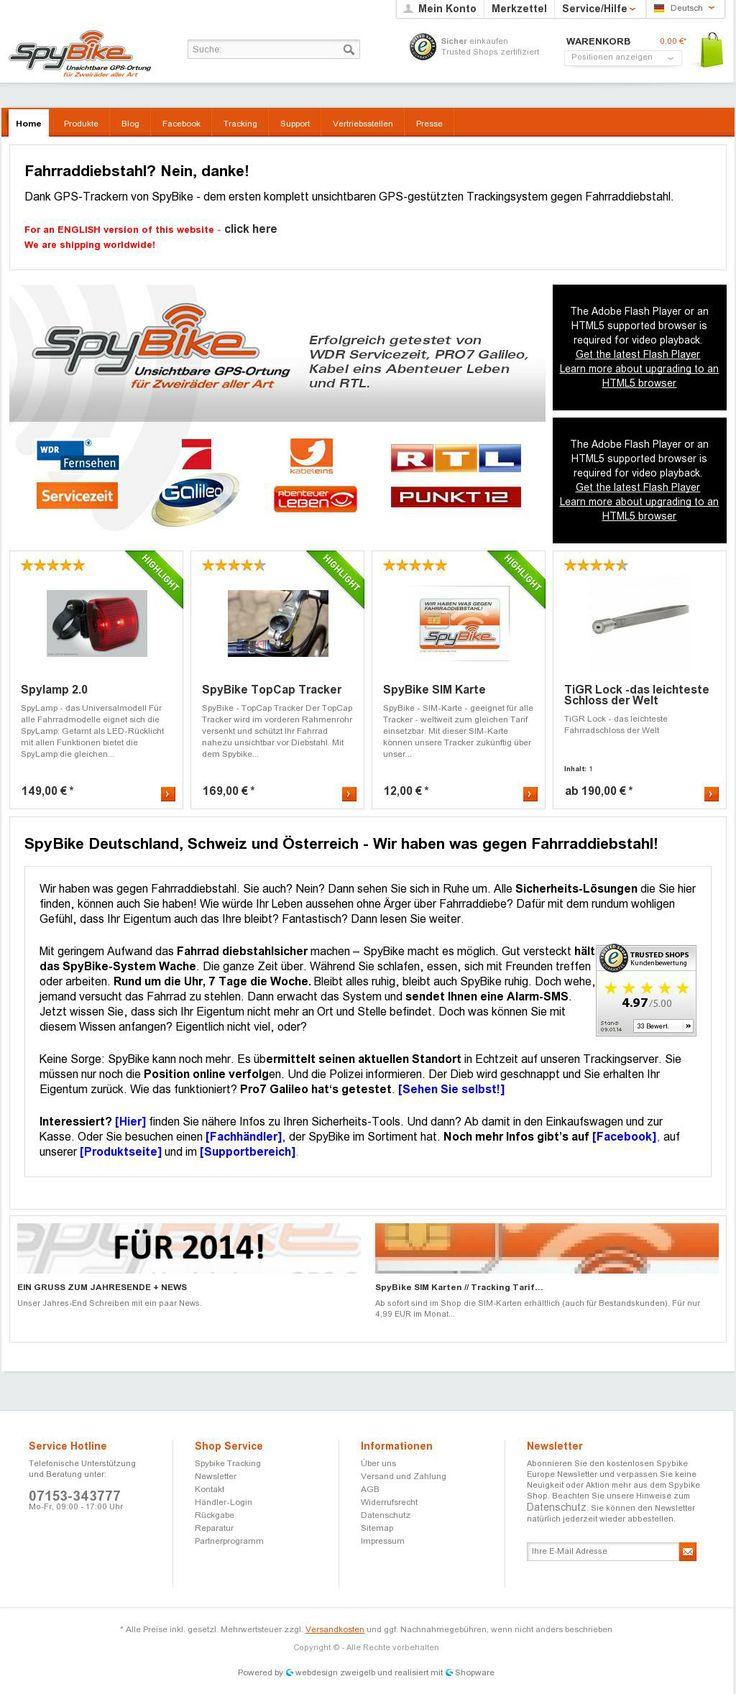 alle informationen zu den spybike gps trackern zum. Black Bedroom Furniture Sets. Home Design Ideas